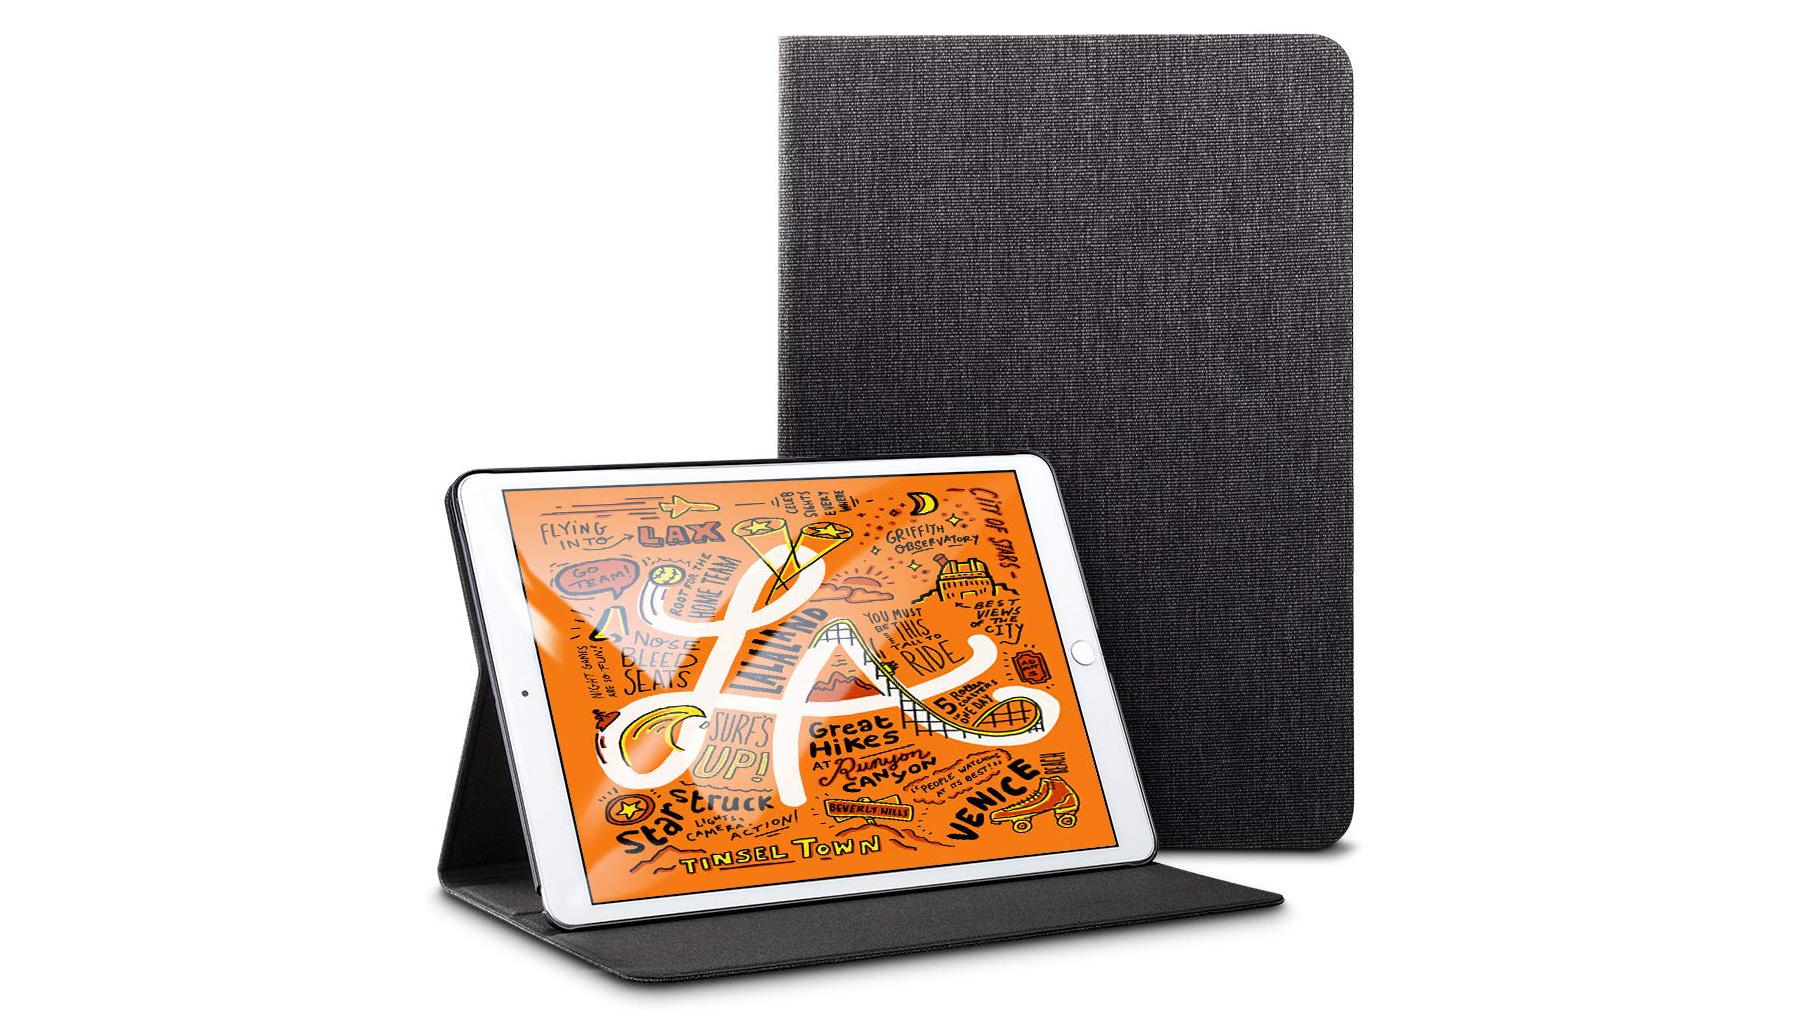 IPad mini tốt nhất 5 găng tay: Bảo vệ máy tính bảng của bạn từ 10 đến 45 pounds với các tùy chọn găng tay tốt nhất của chúng tôi 2